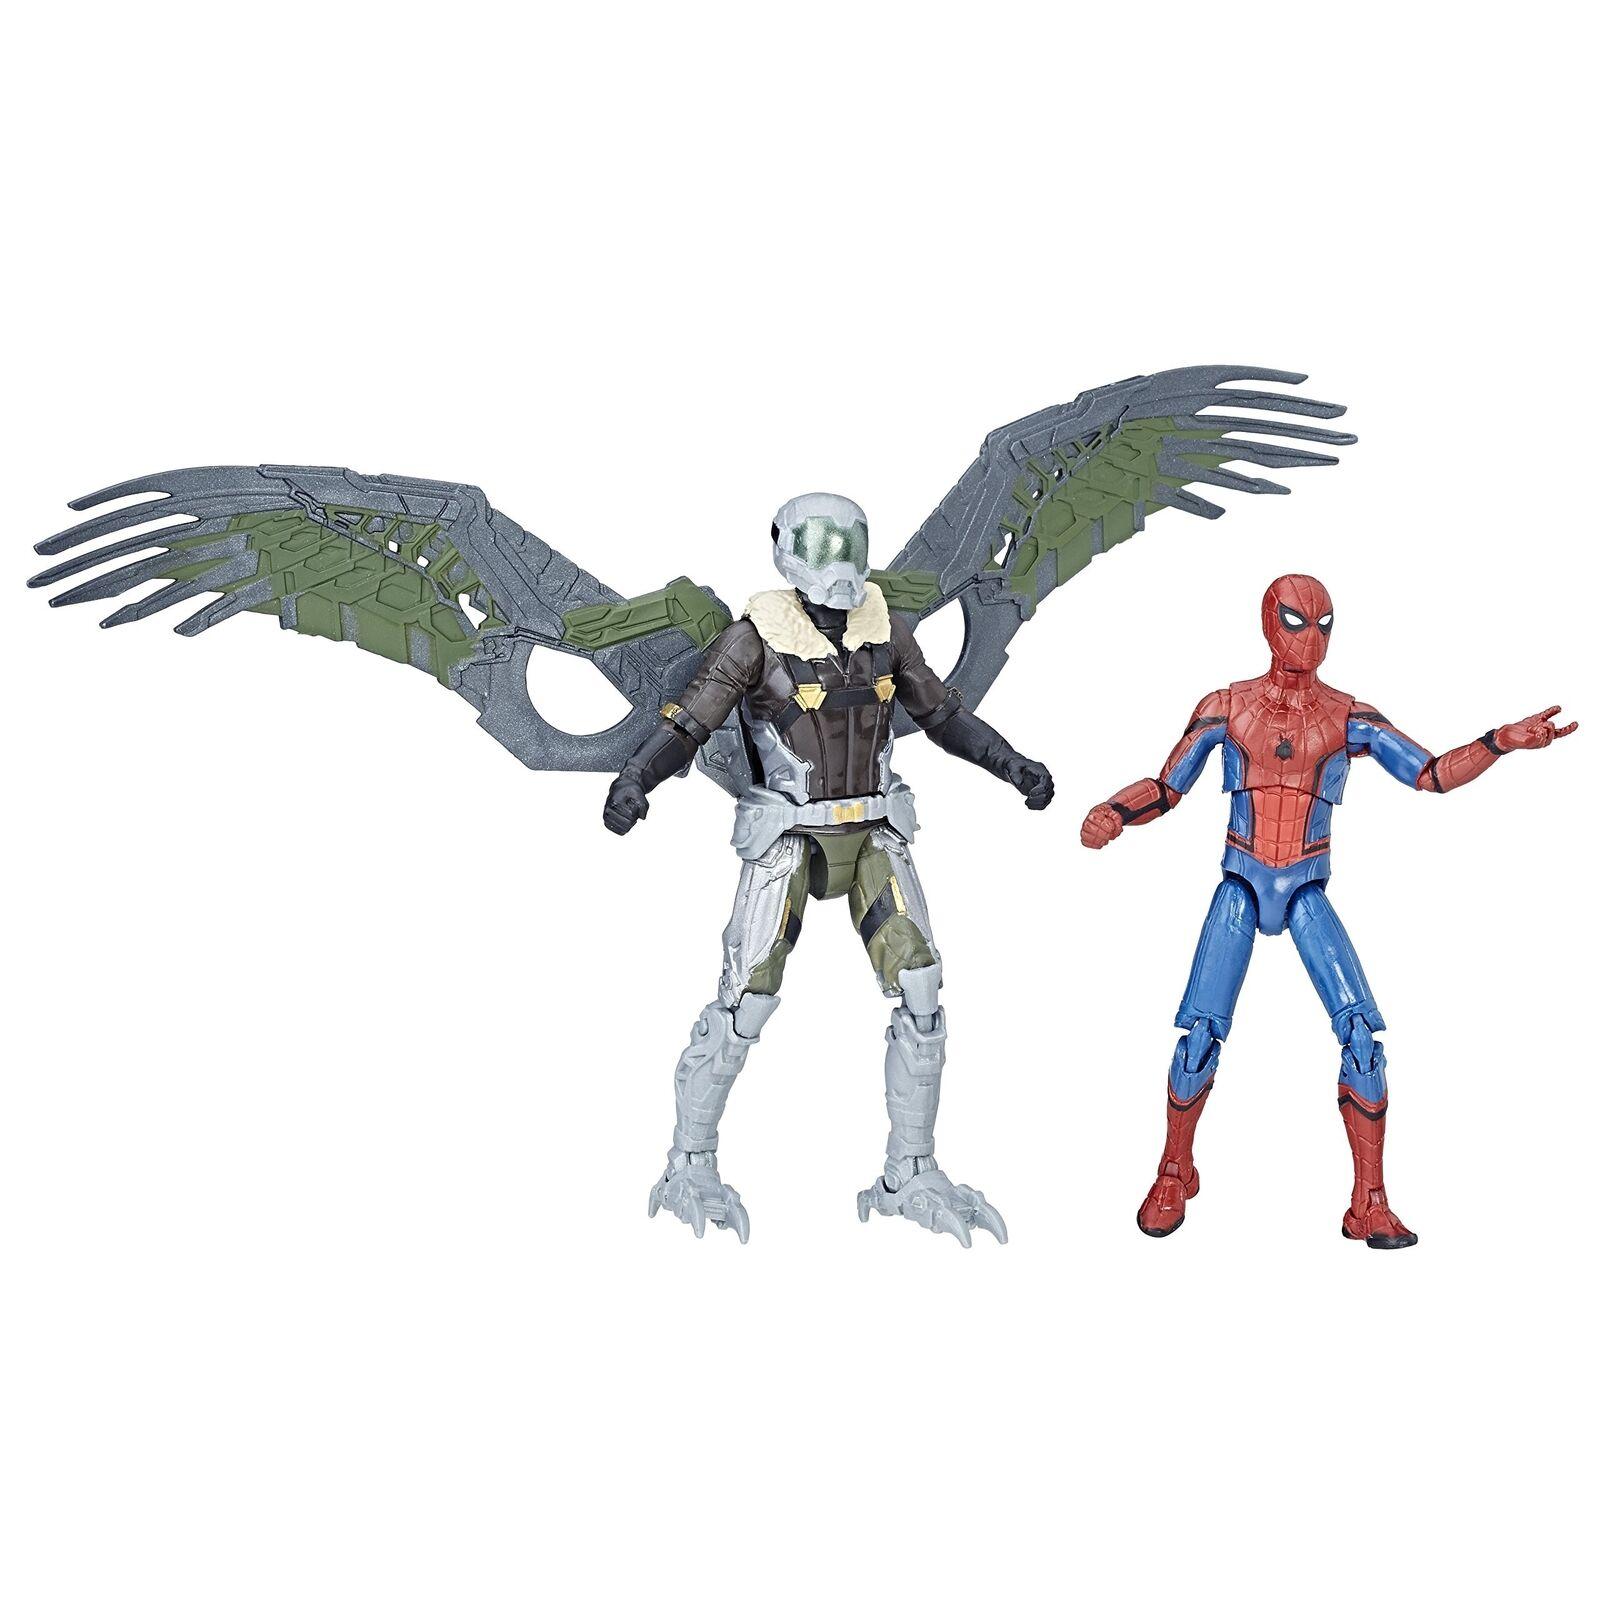 SPIDER-MAN C1407EL20 Marvel leggende e Vulture figura, Confezione da 2